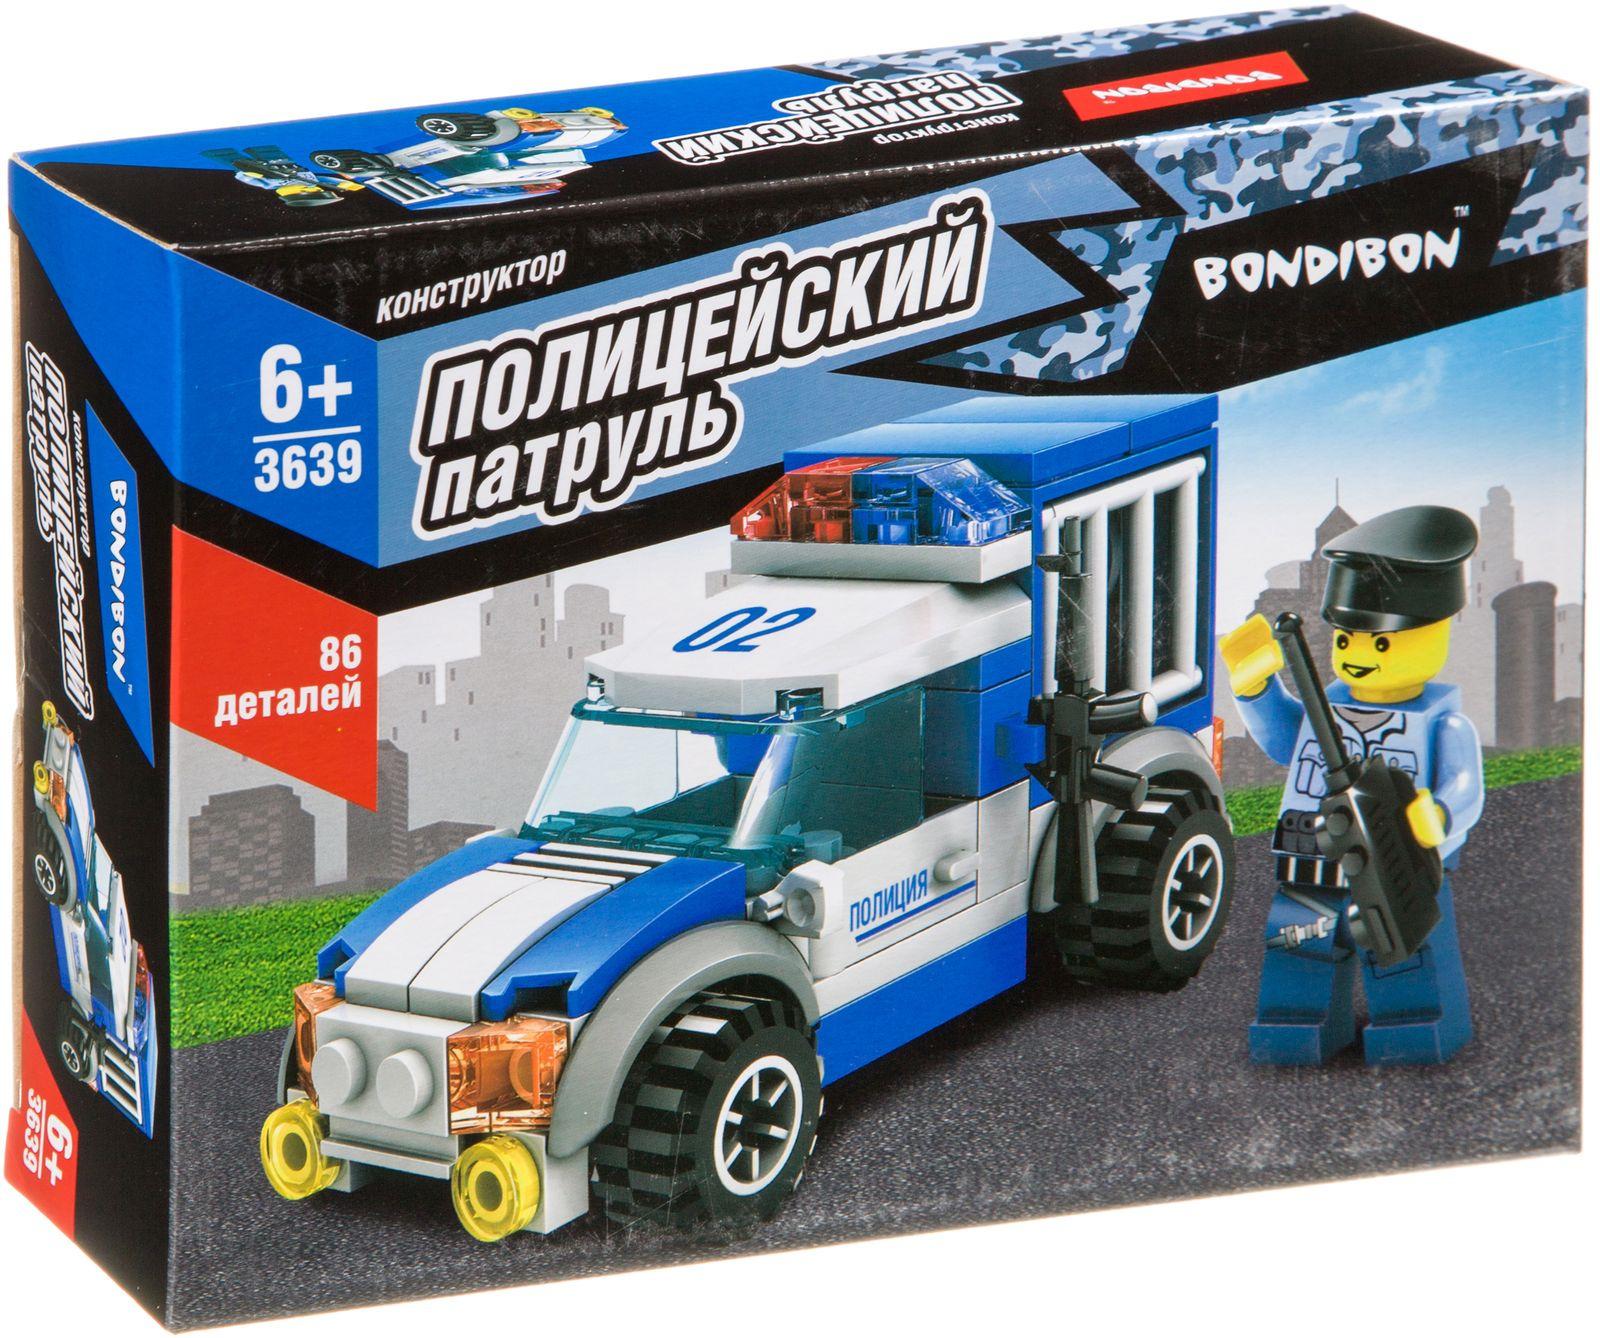 Пластиковый конструктор Bondibon Полицейский Патруль Машина, ВВ3639